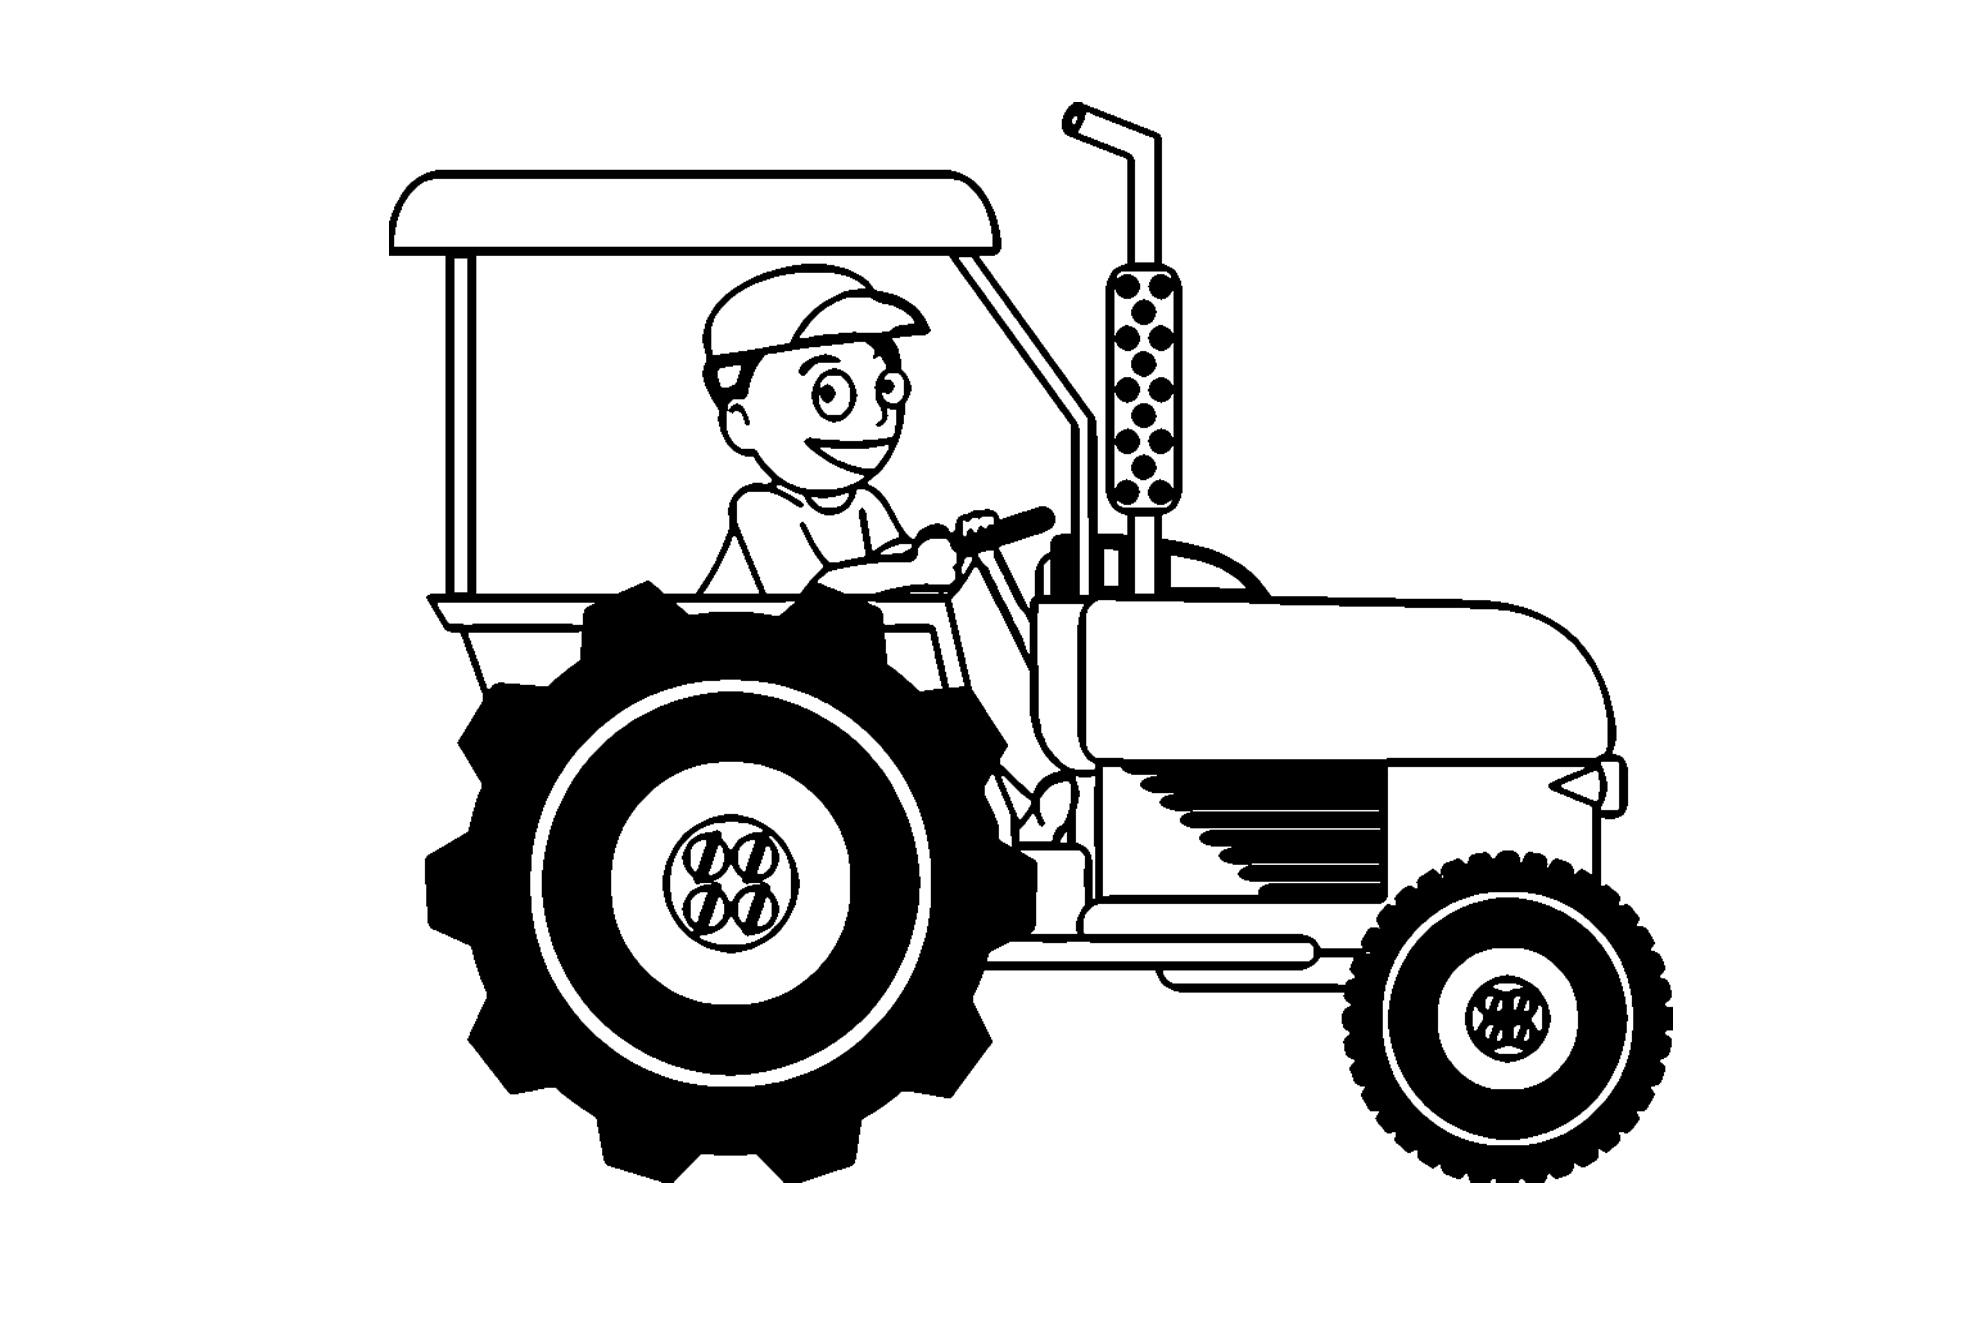 malvorlage traktor  kinderbilderdownload  kinderbilder